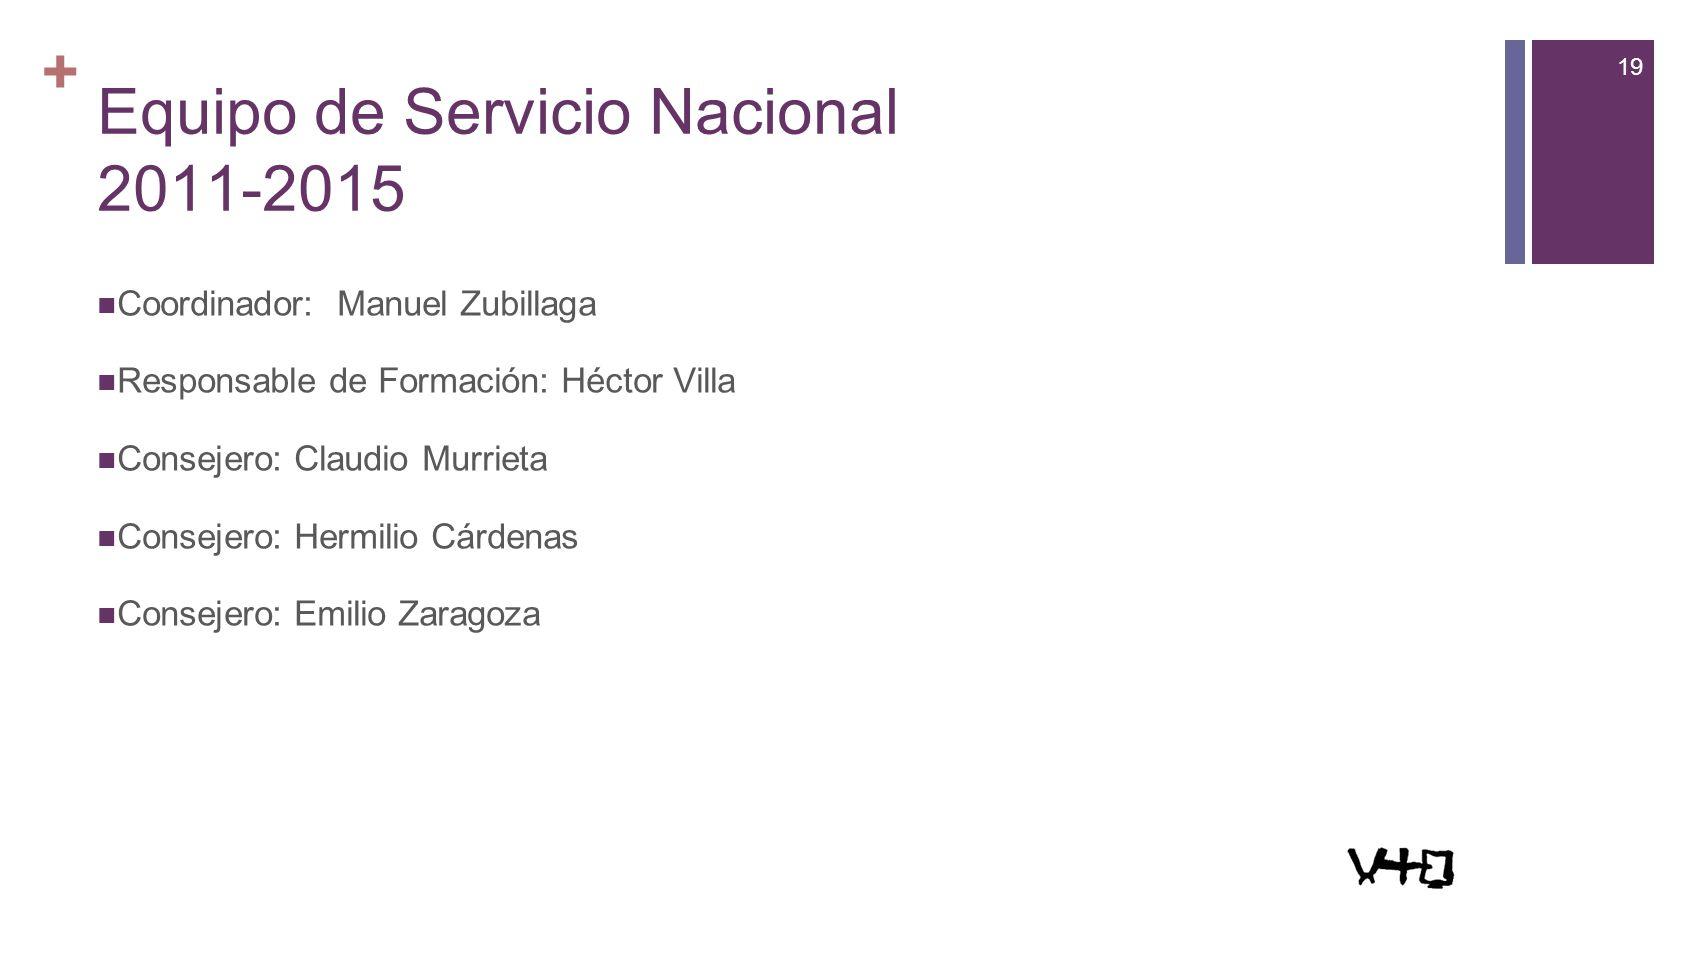 Equipo de Servicio Nacional 2011-2015